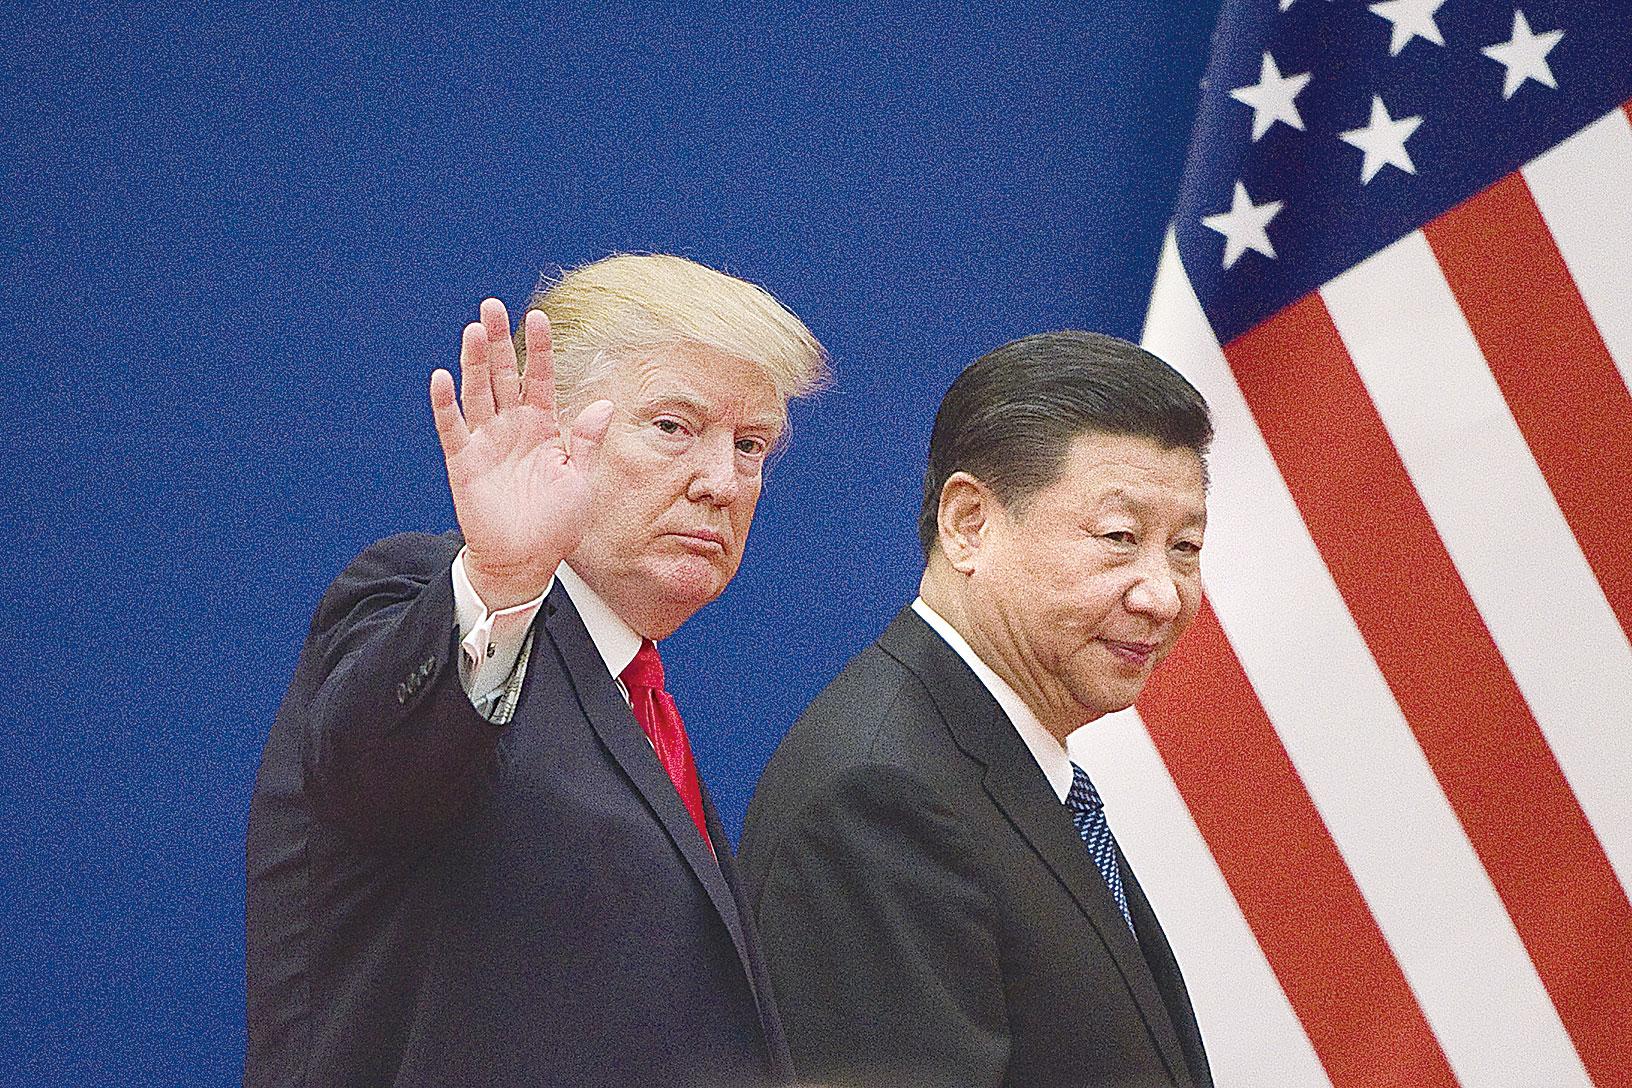 圖為2017年11月9日,特朗普和習近平在北京會面。(Getty Images)